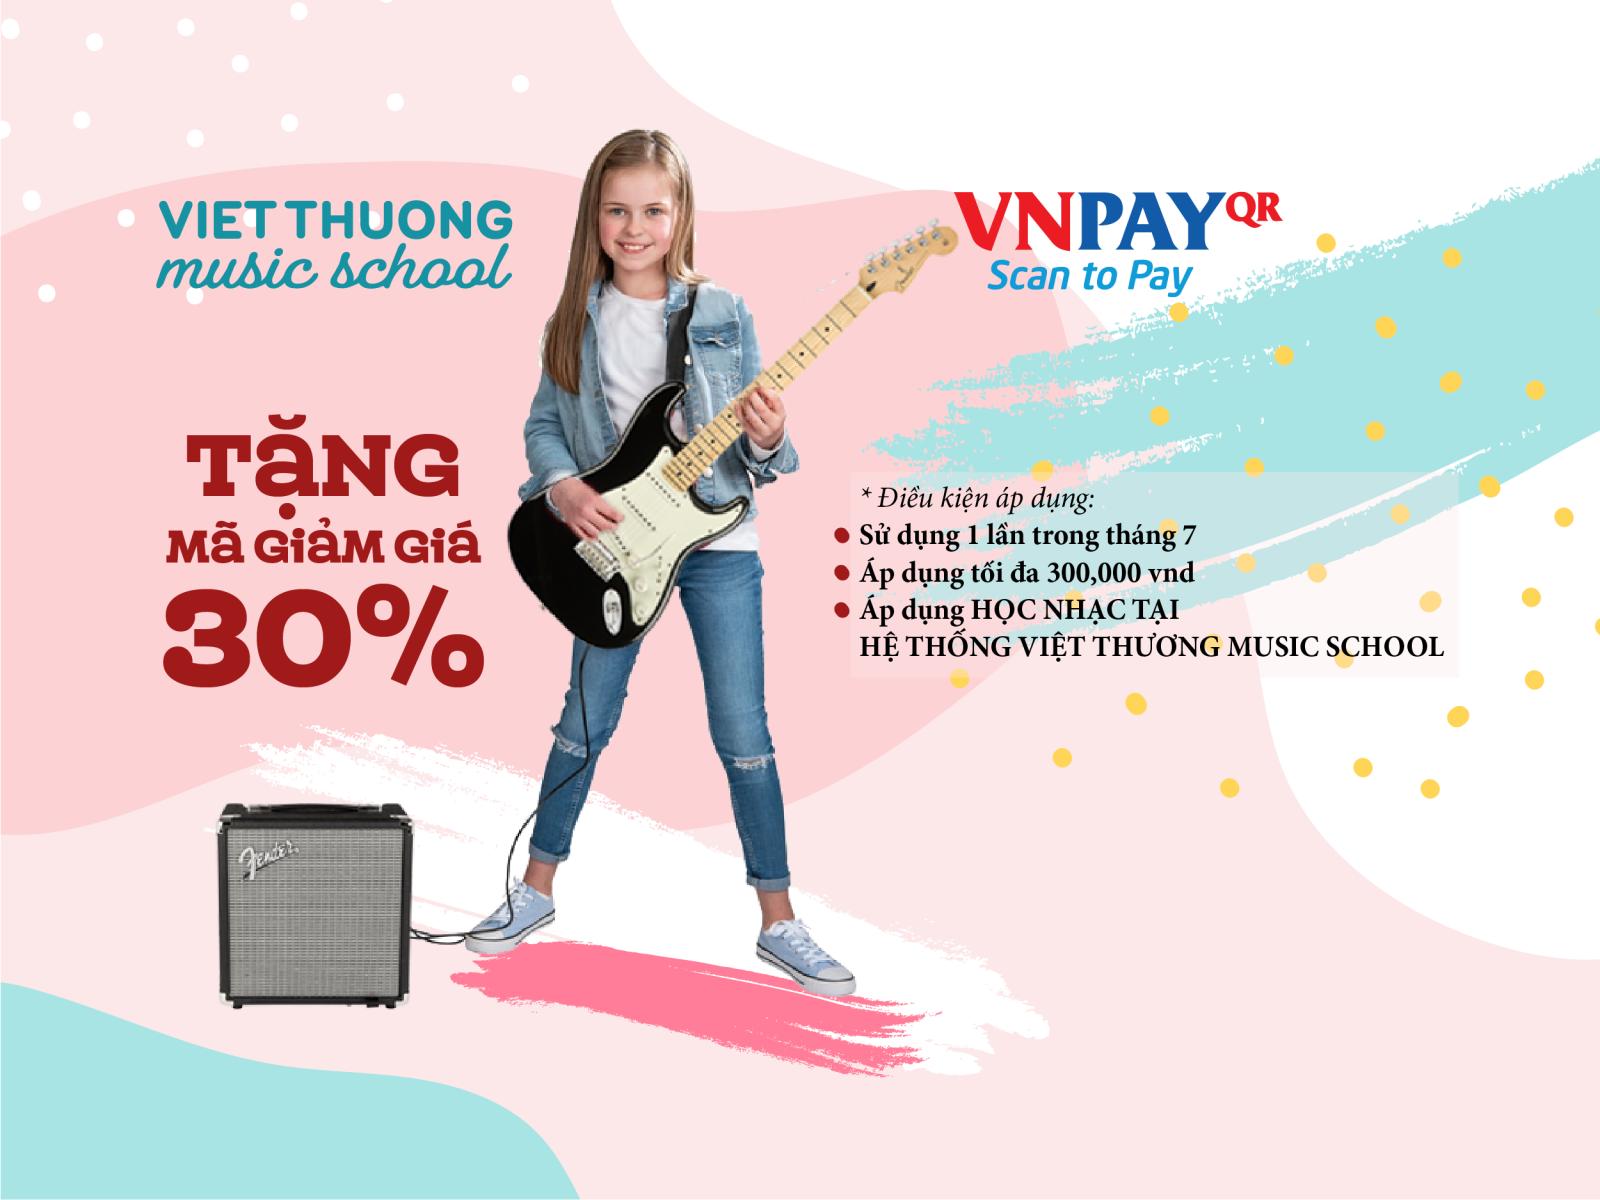 Chào đón một mùa hè rực rỡ đầy đam mê âm nhạc, Việt Thương Music School hỗ trợ ưu đãi ngay 30% cho các học viên đăng ký học nhạcthanh toán qua VNPAY (tối đa 300.000đ) trong tháng 7/2020.